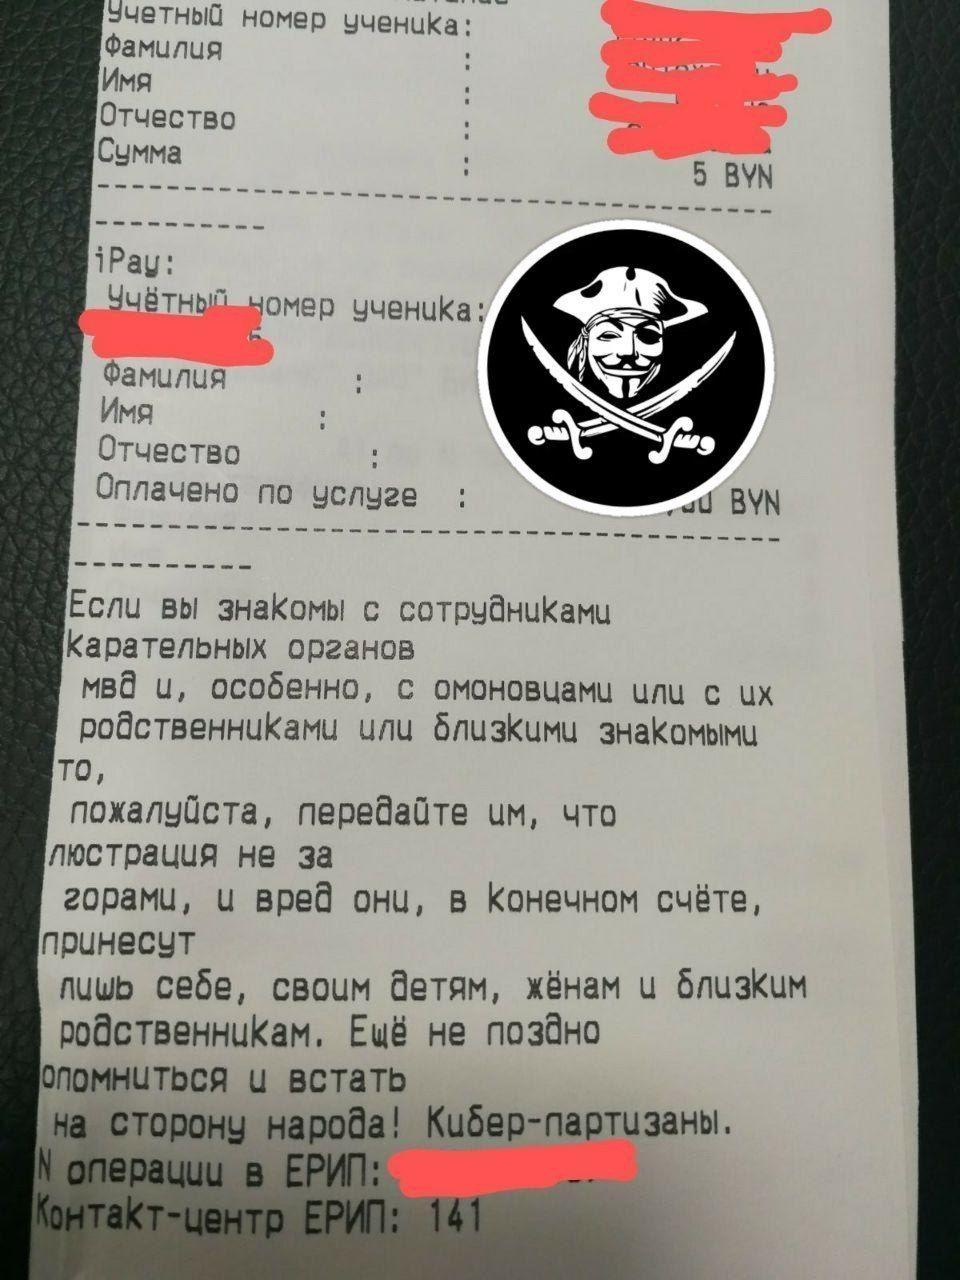 Результат взлома ЕРИП – платежная квитанция с обращением киберпартизан к беларусам